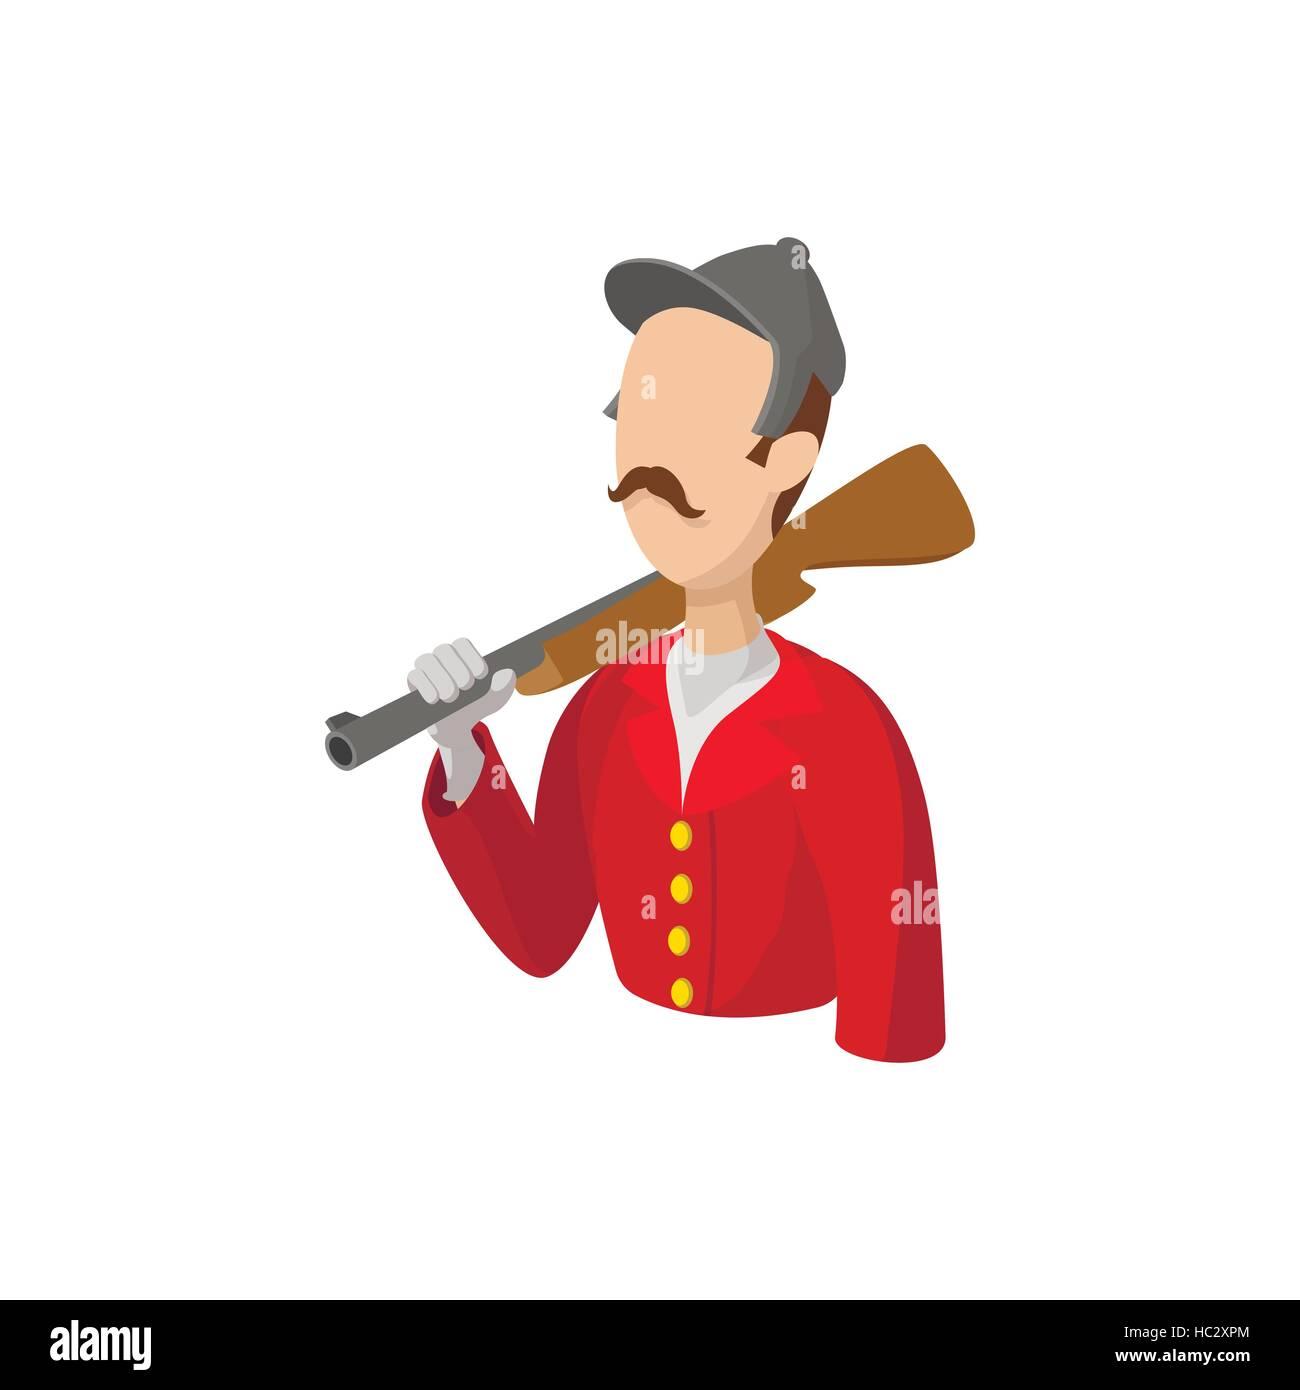 Hunterr retro cartoon character - Stock Image